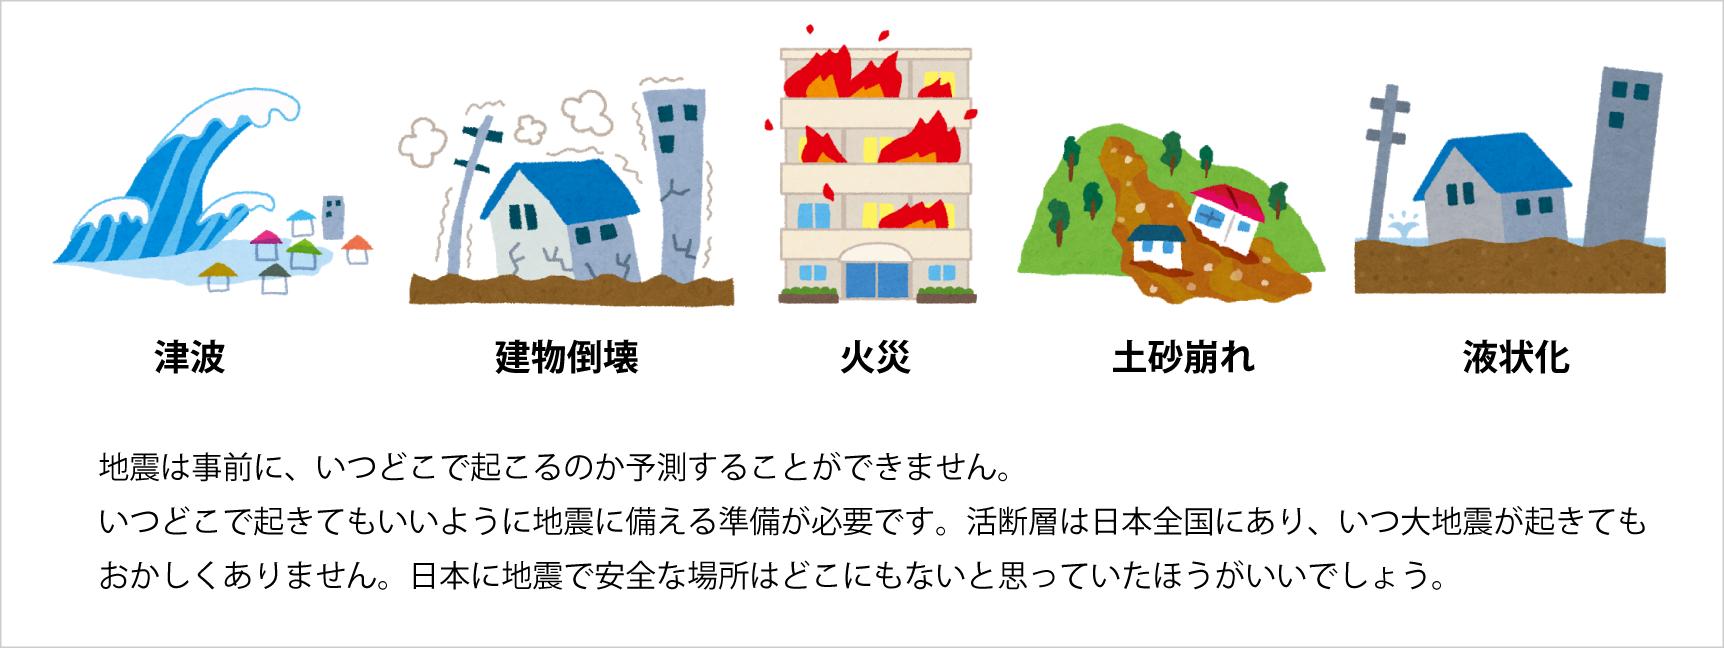 地震による災害の種類